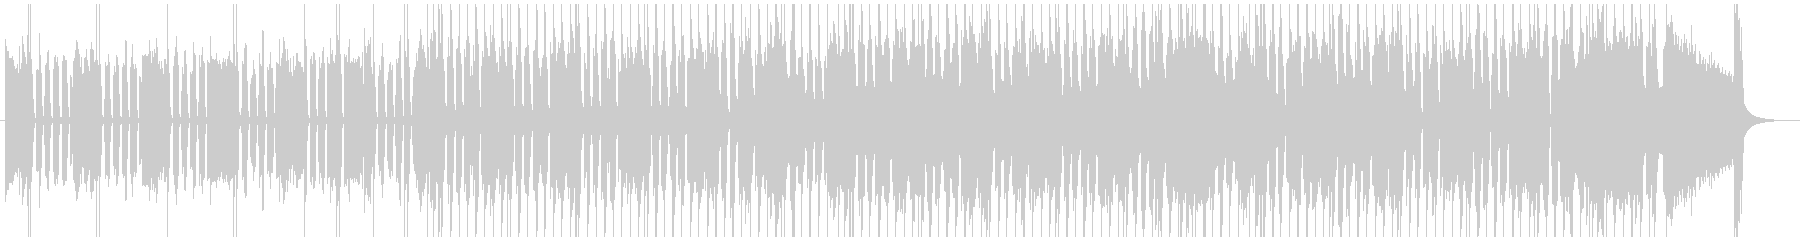 とにかくシンプルなギターのスローブルースの未再生の波形